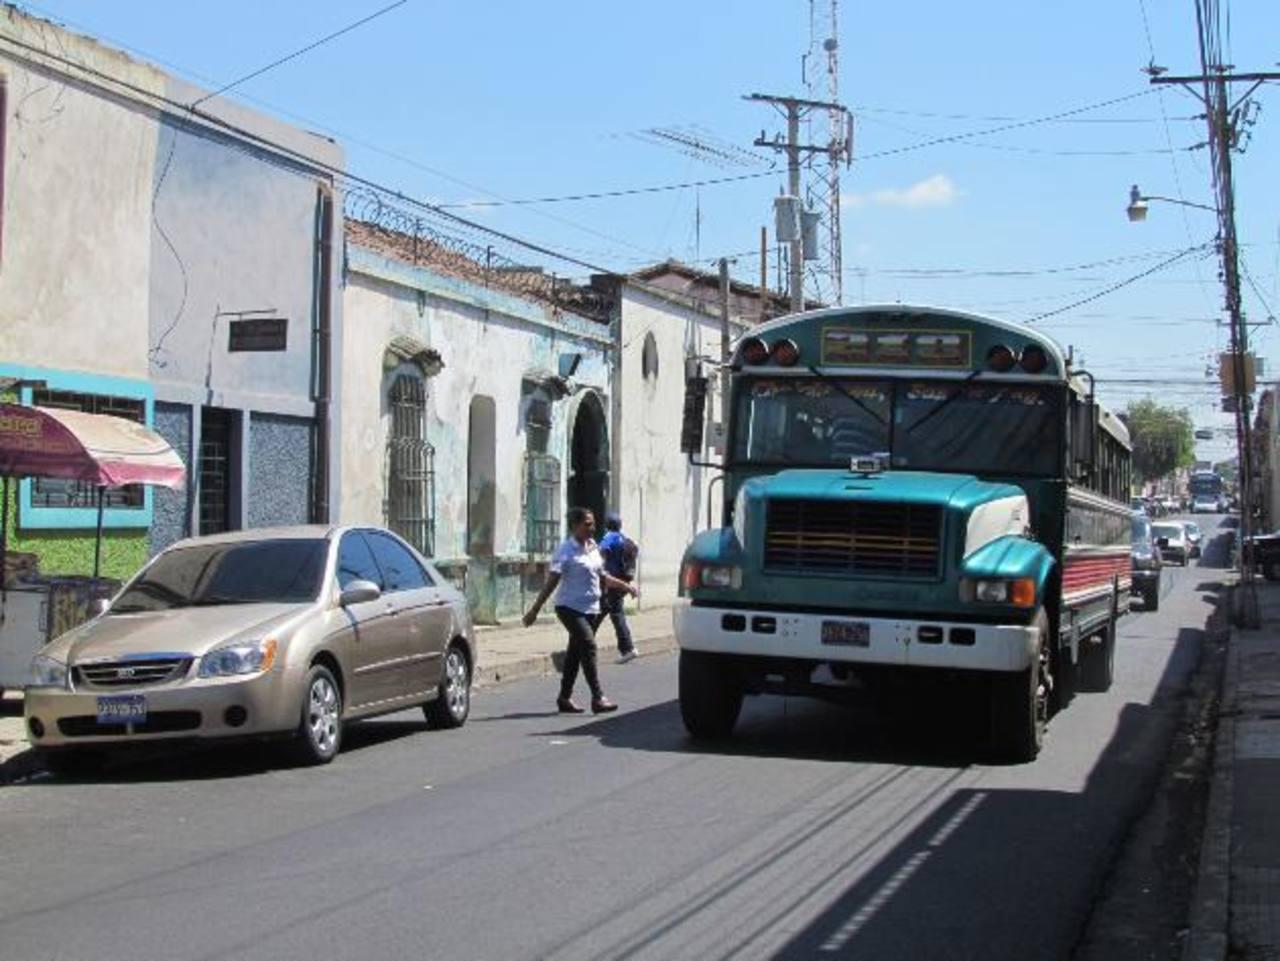 Edil dijo que en la parada de la ruta 218 hay poca afluencia de personas, por lo que retirarán la cámara. Foto edh / MAURICIO GUEVARA